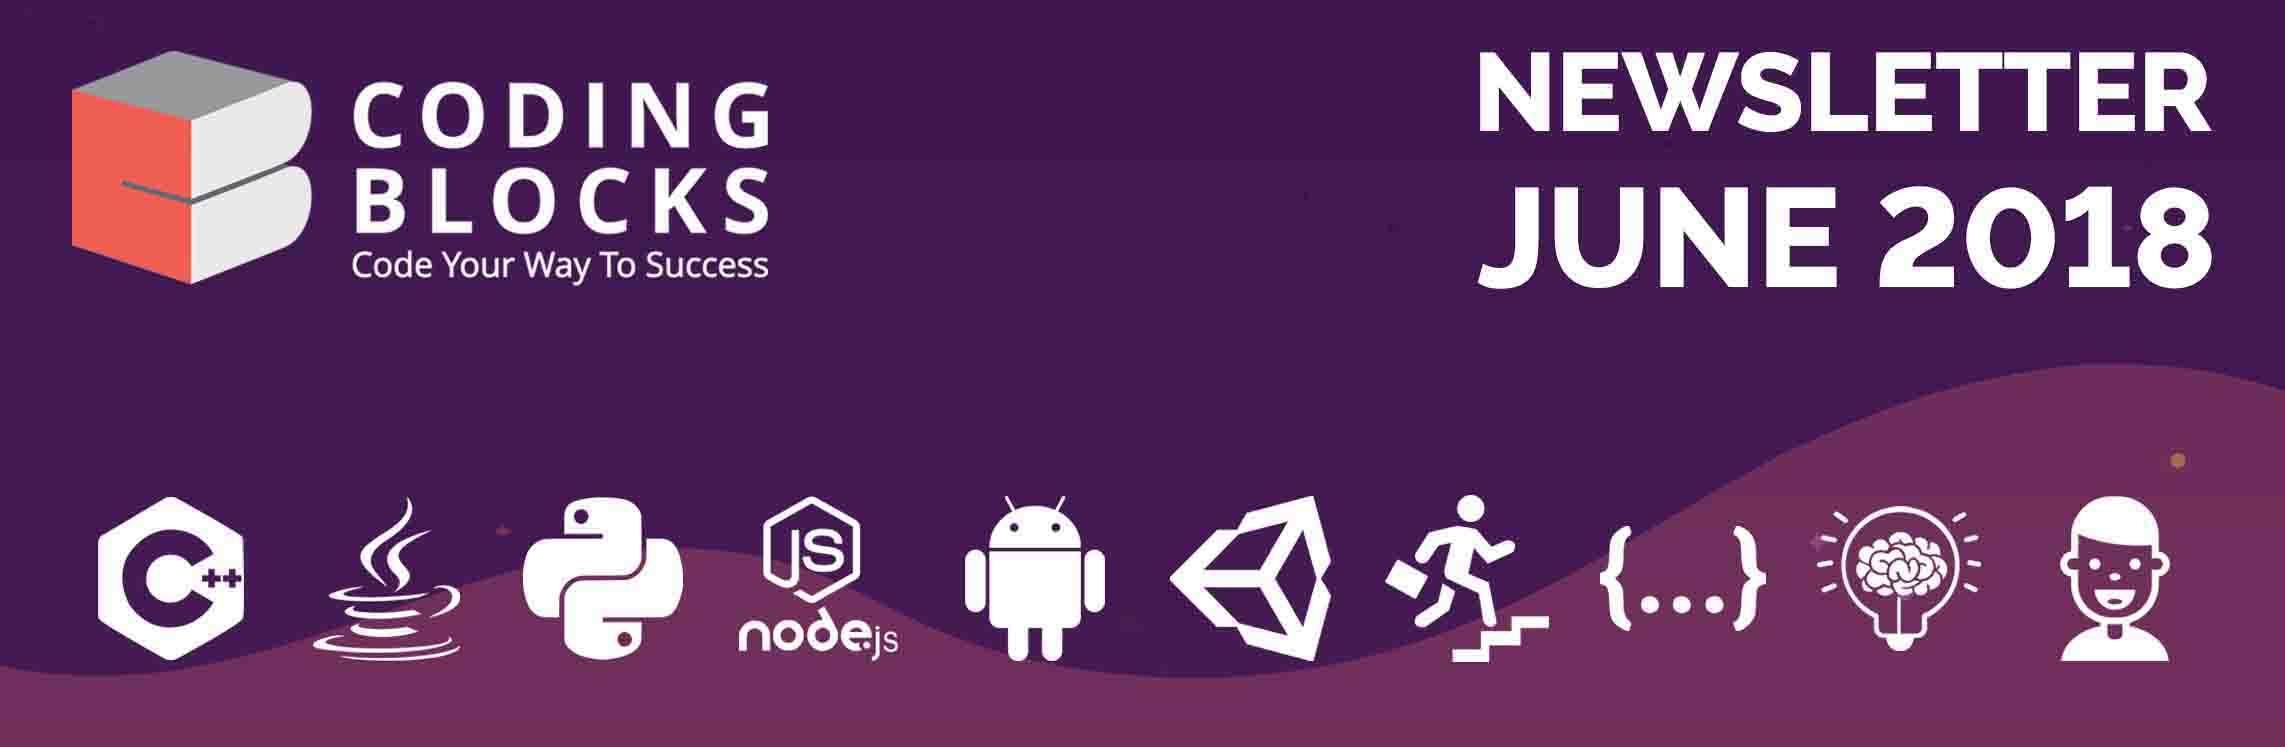 June 2018 Newsletter | Coding Blocks